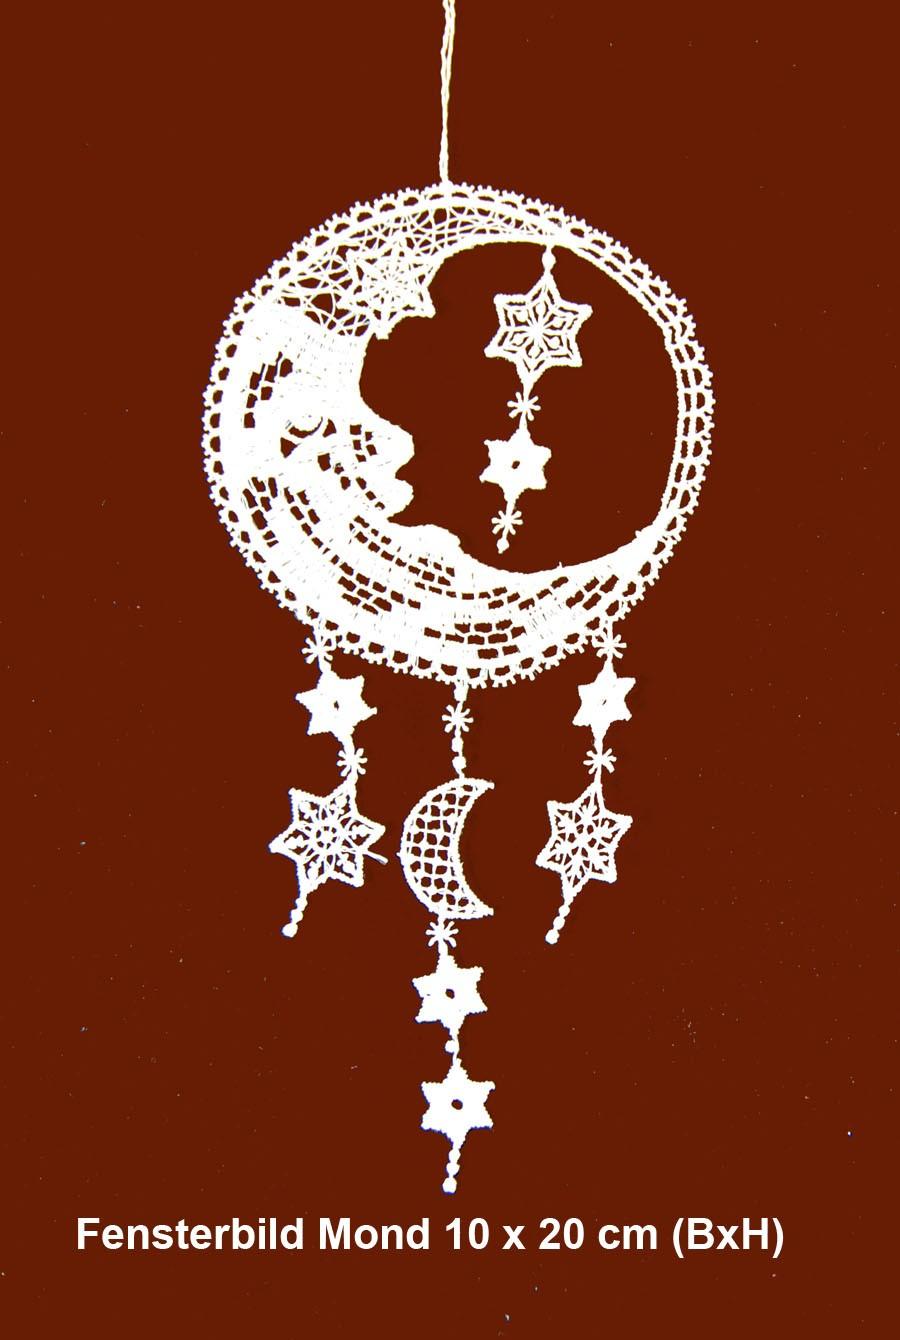 Fensterbild Mond  ca. 10 x 20 cm (BxH)